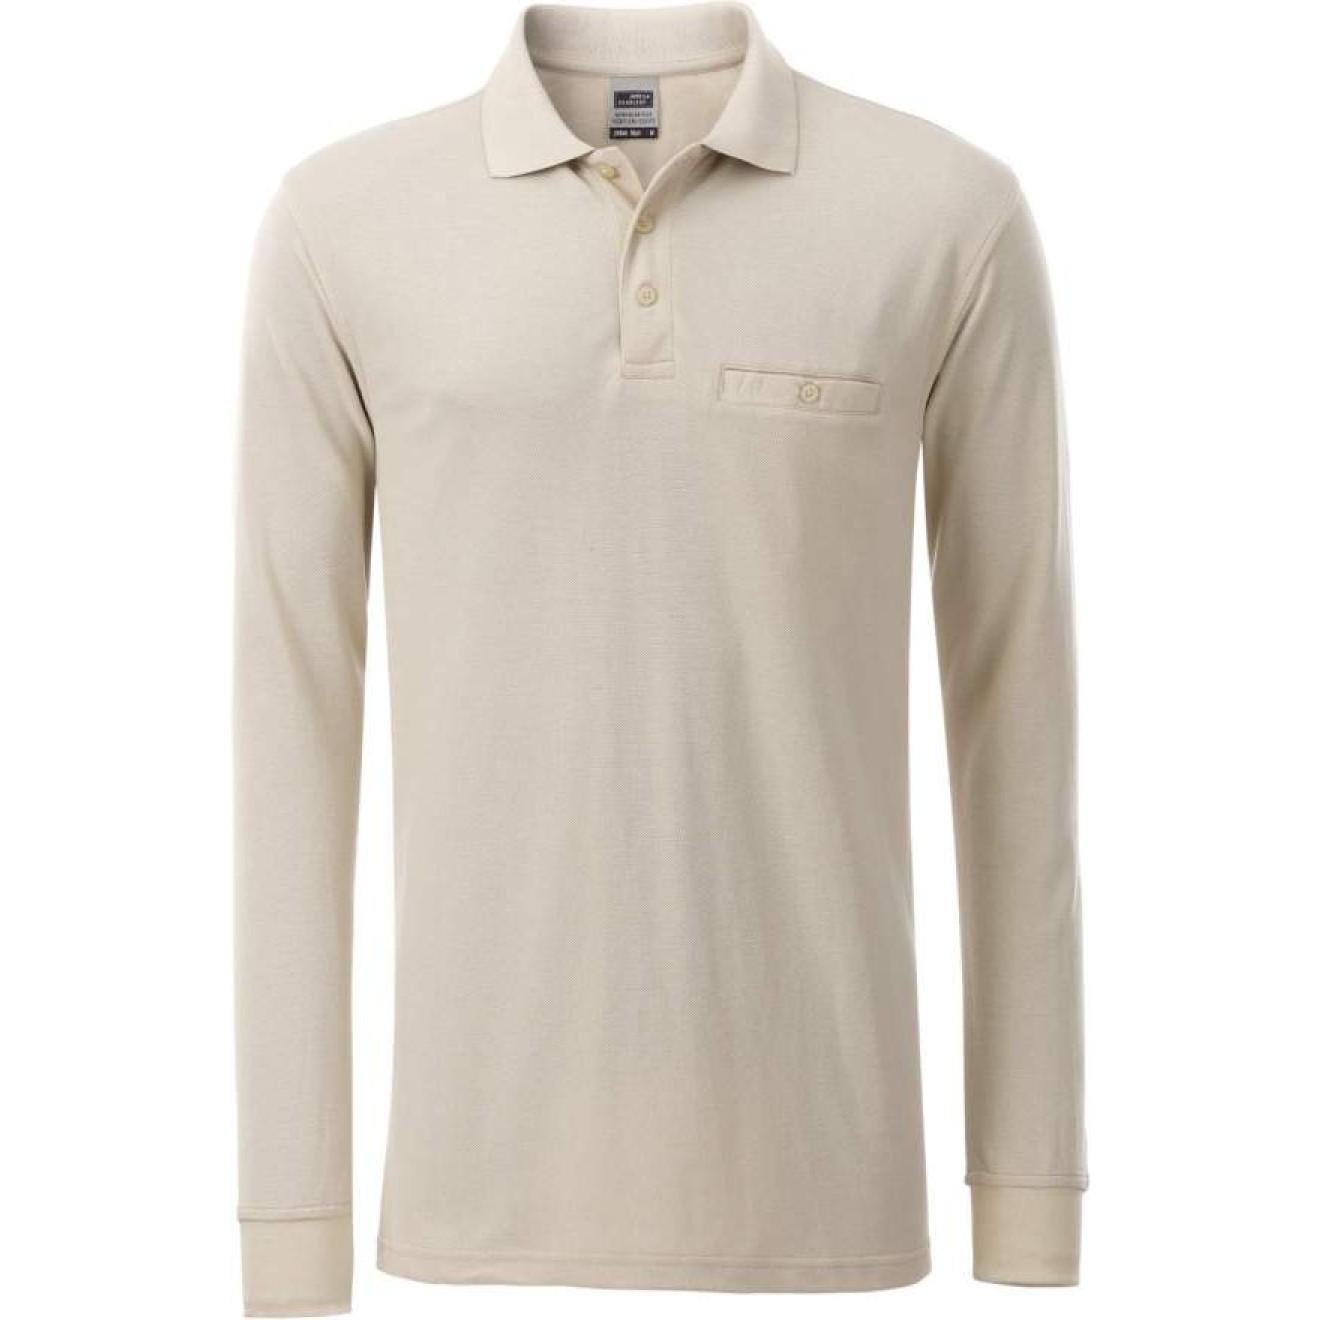 outlet store 17c99 8a9d8 James & Nicholson | JN 866 Herren Workwear Polo mit Brusttasche langarm